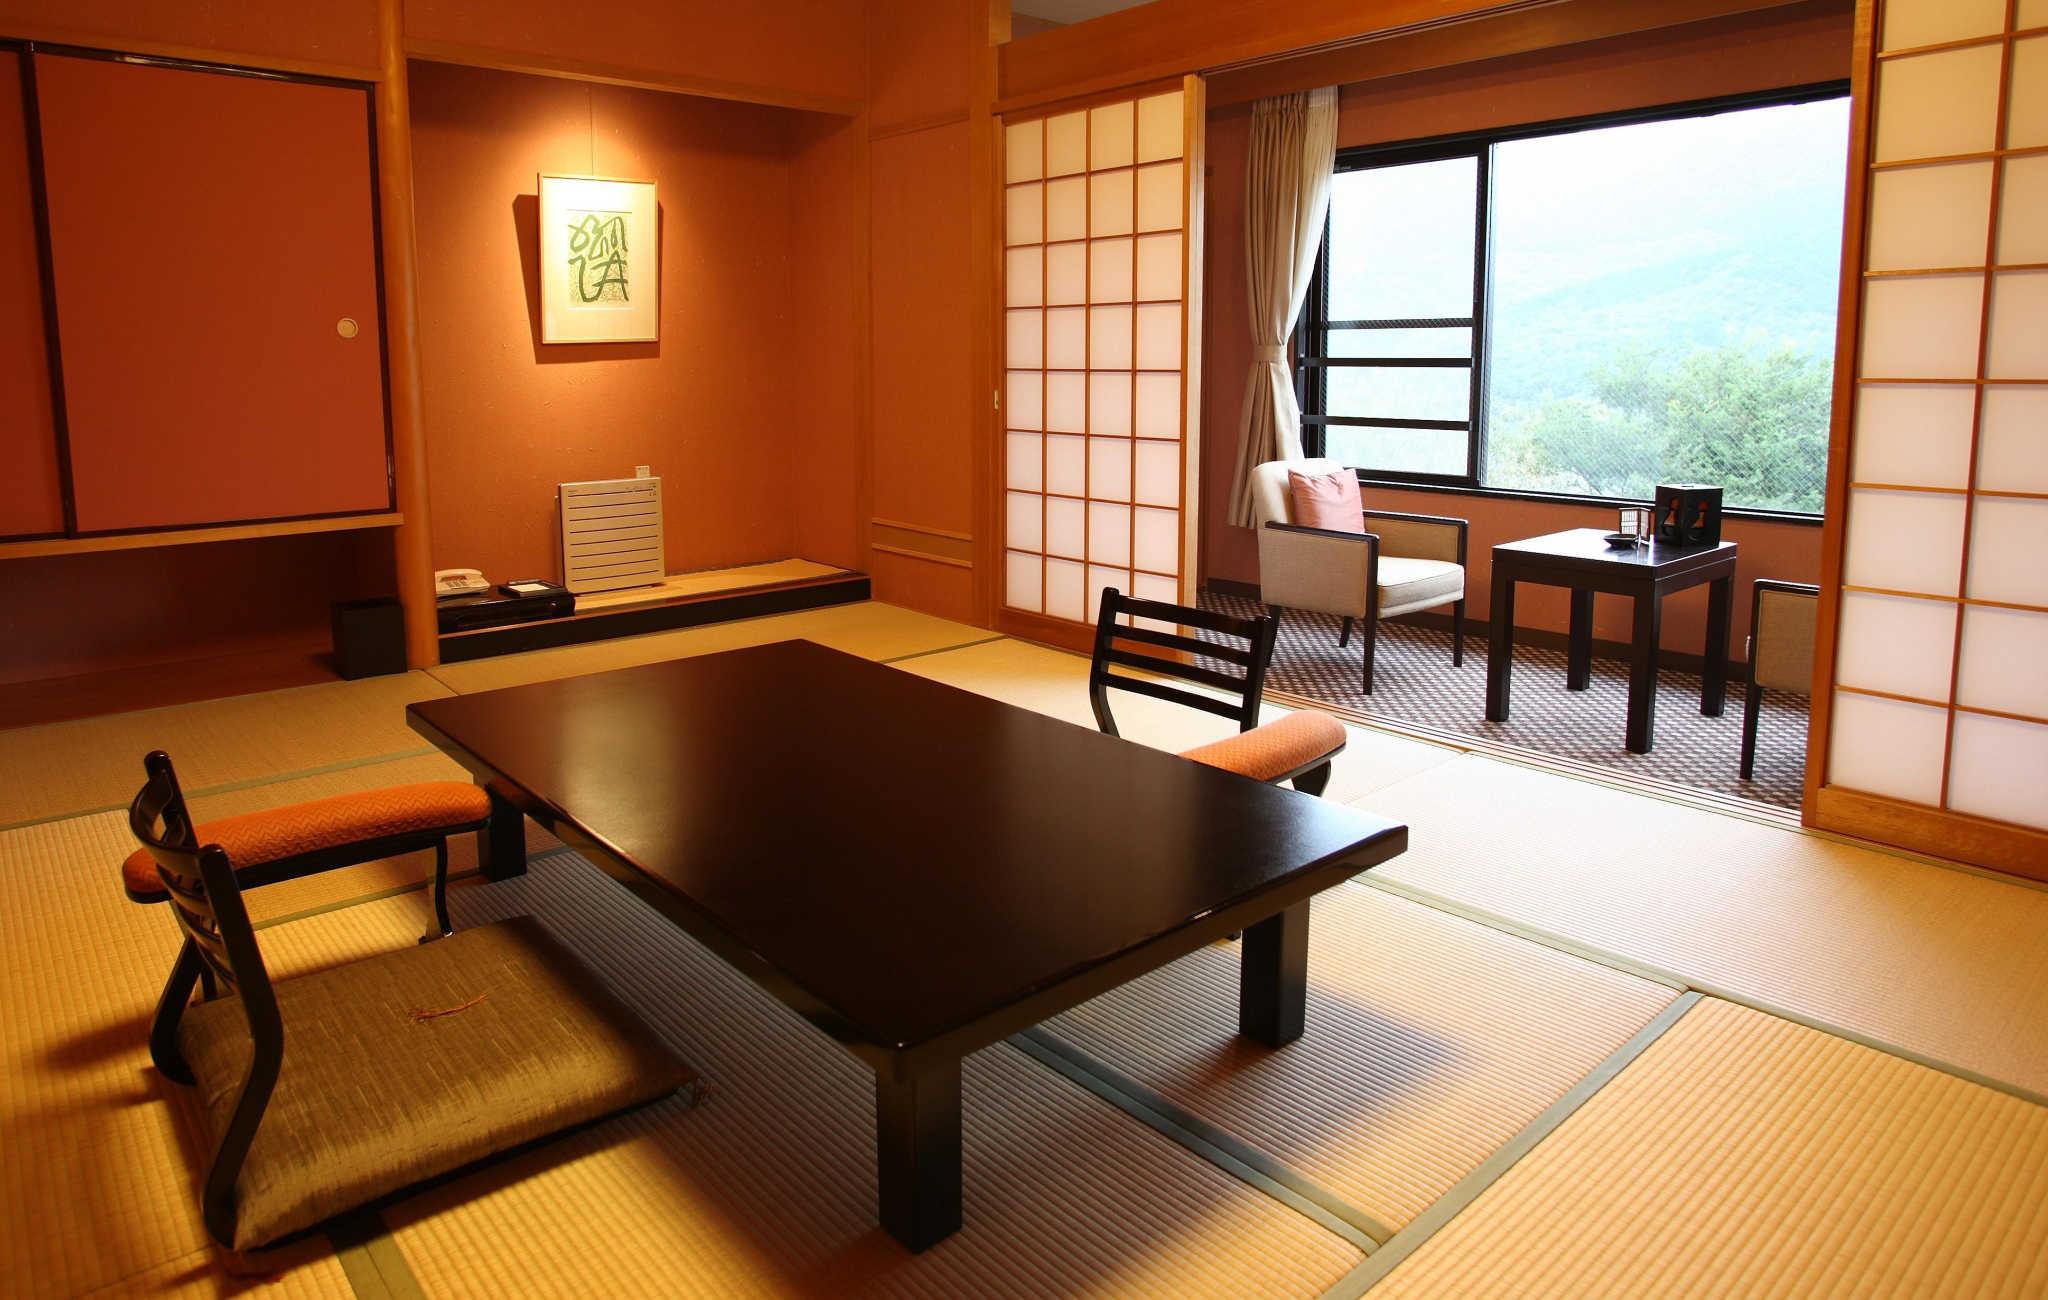 Maison japonaise un minimalisme l 39 tat brut for Construction maison japonaise